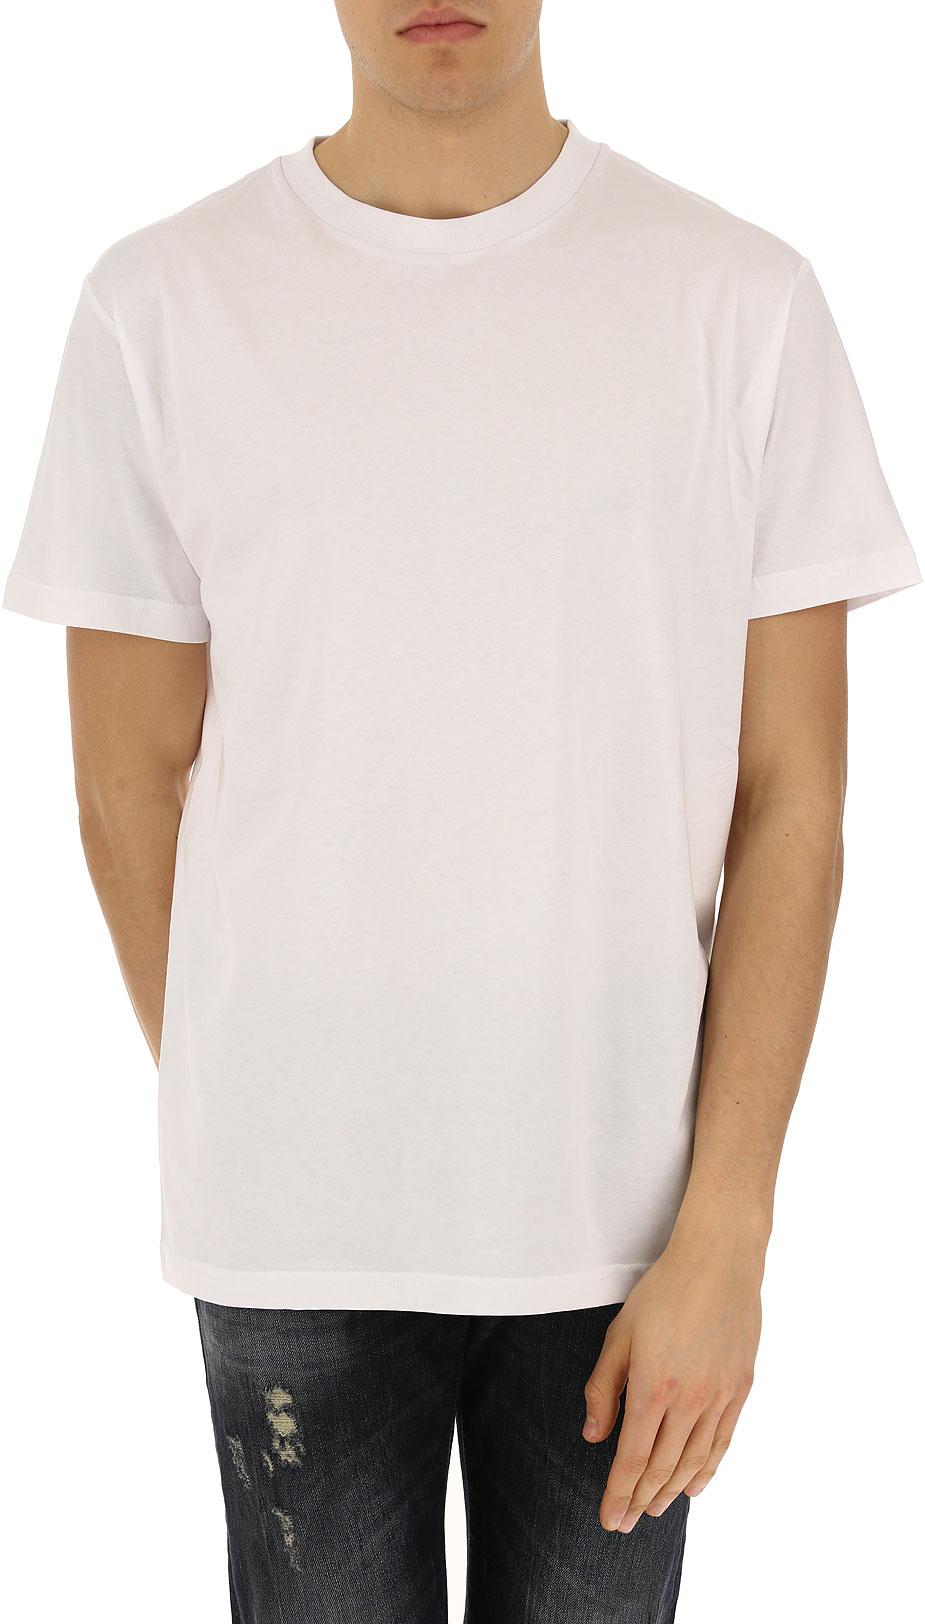 Abbigliamento Uomo ALYX, Codice Articolo: aauts0011-007-